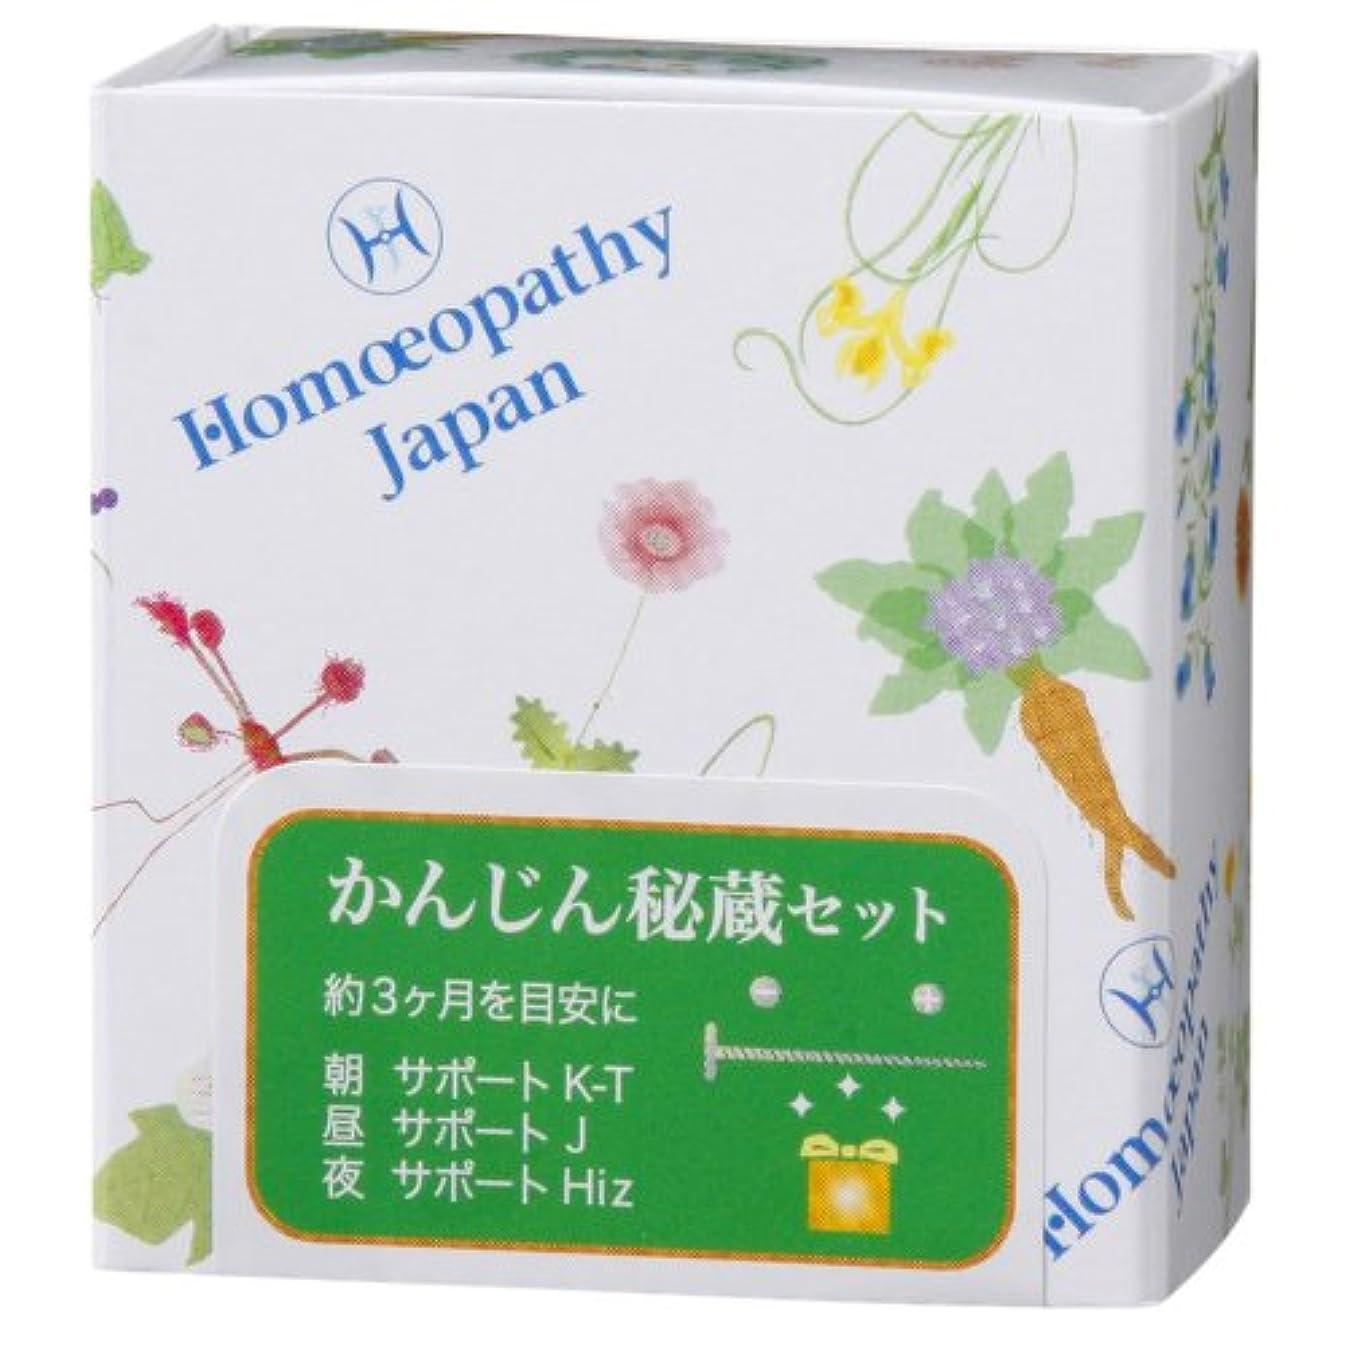 真似る特徴づける浴室ホメオパシージャパンレメディー かんじん秘蔵セット